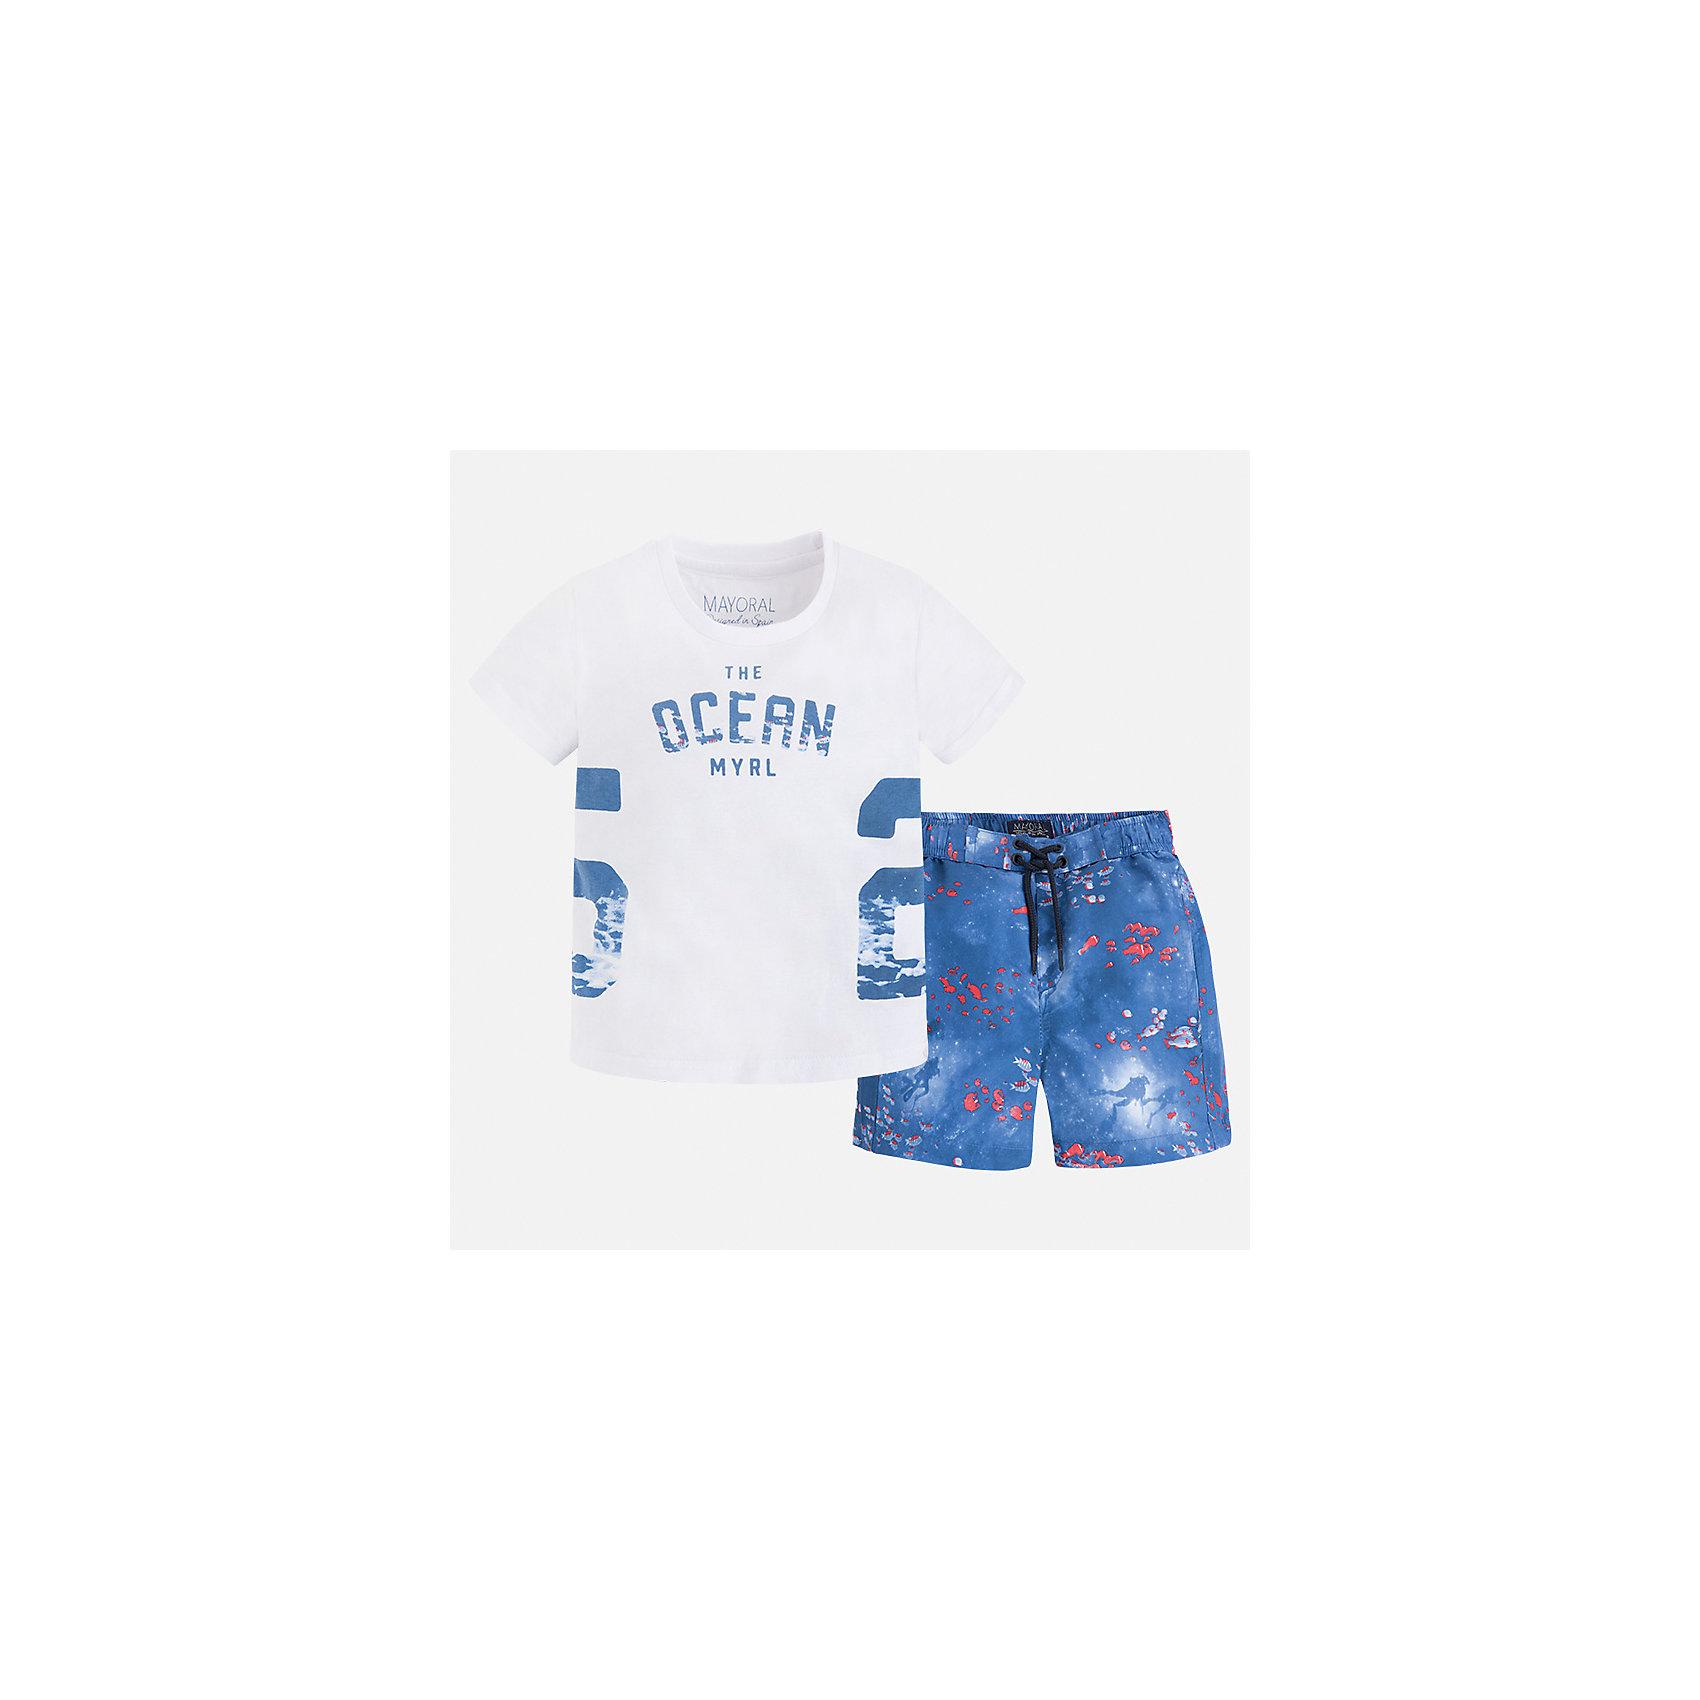 Купальный костюм для мальчика MayoralКомплекты<br>Характеристики товара:<br><br>• цвет: белый/синий<br>• состав: 100% хлопок<br>• украшен принтом<br>• комплектация: шорты, футболка<br>• пояс - резинка со шнурком<br>• быстросохнущий материал<br>• страна бренда: Испания<br><br>Одежда для купания должна быть удобной! Этот комплект не только хорошо сидит на ребенке, не стесняя движения и не натирая, он отлично смотрится! Шорты и футболка сшиты из легкой ткани, она очень быстро высыхает. <br><br>Купальный костюм для мальчика от испанского бренда Mayoral (Майорал) можно купить в нашем интернет-магазине.<br><br>Ширина мм: 183<br>Глубина мм: 60<br>Высота мм: 135<br>Вес г: 119<br>Цвет: синий<br>Возраст от месяцев: 84<br>Возраст до месяцев: 96<br>Пол: Мужской<br>Возраст: Детский<br>Размер: 128,92,104,110,116,122,134,98<br>SKU: 5280919